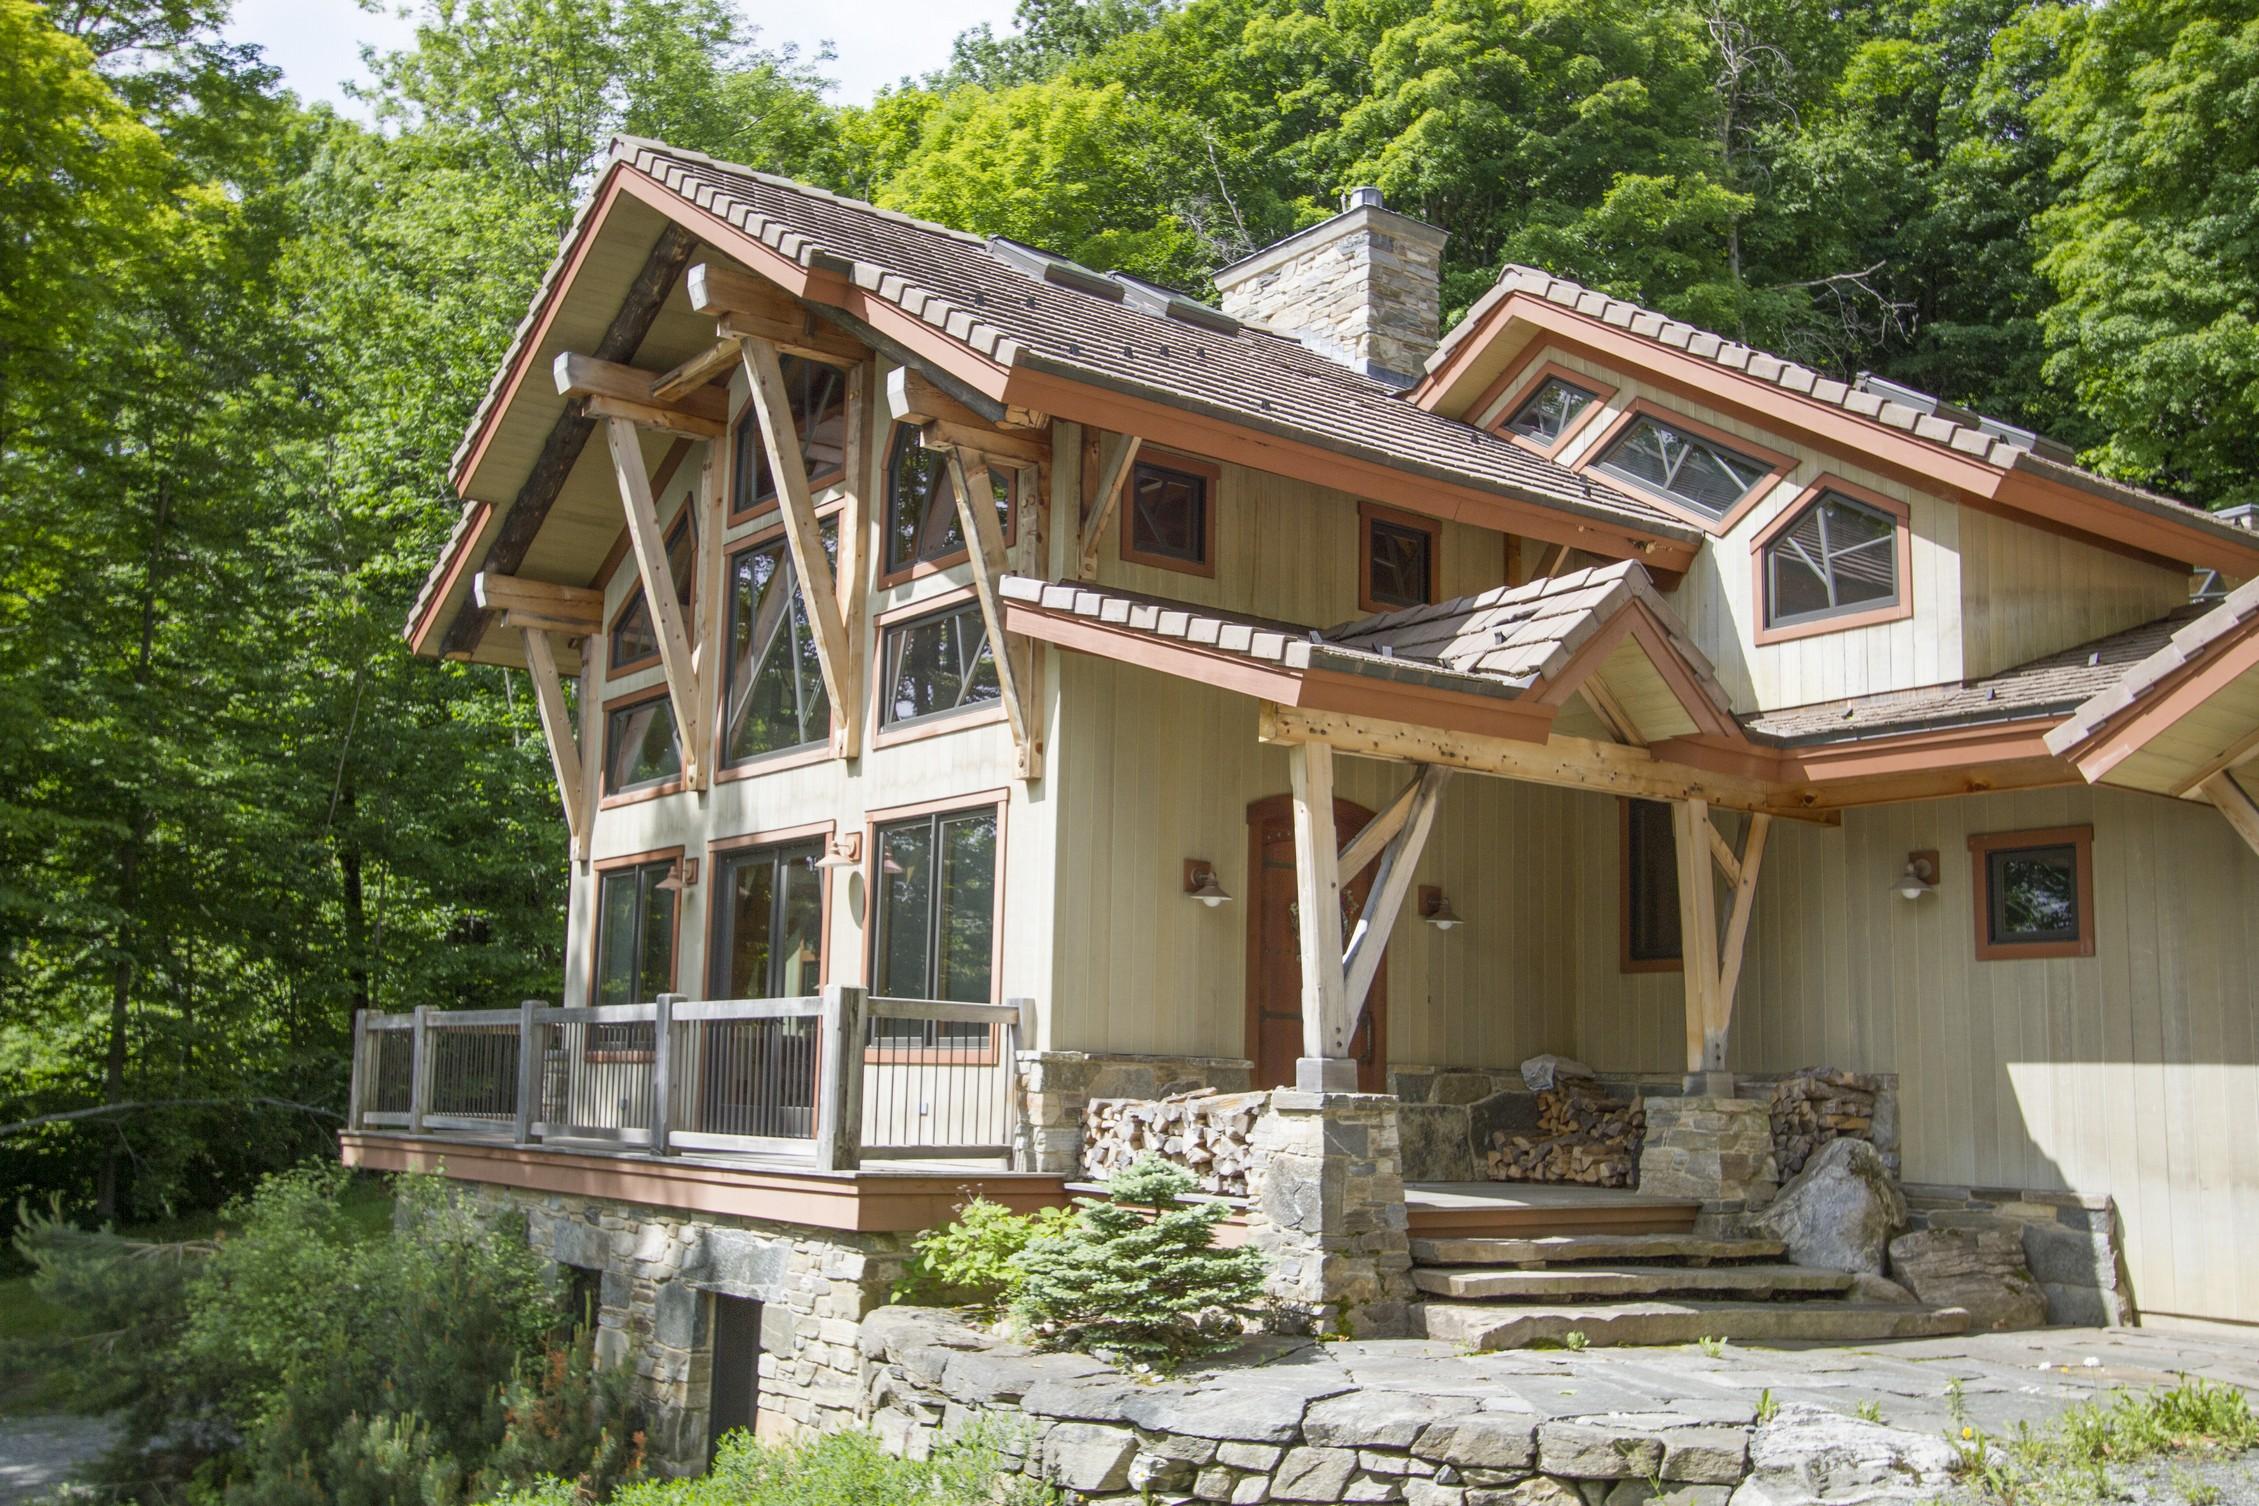 Casa Unifamiliar por un Venta en Exceptional Mountain 27 Windtree Rd Winhall, Vermont 05340 Estados Unidos